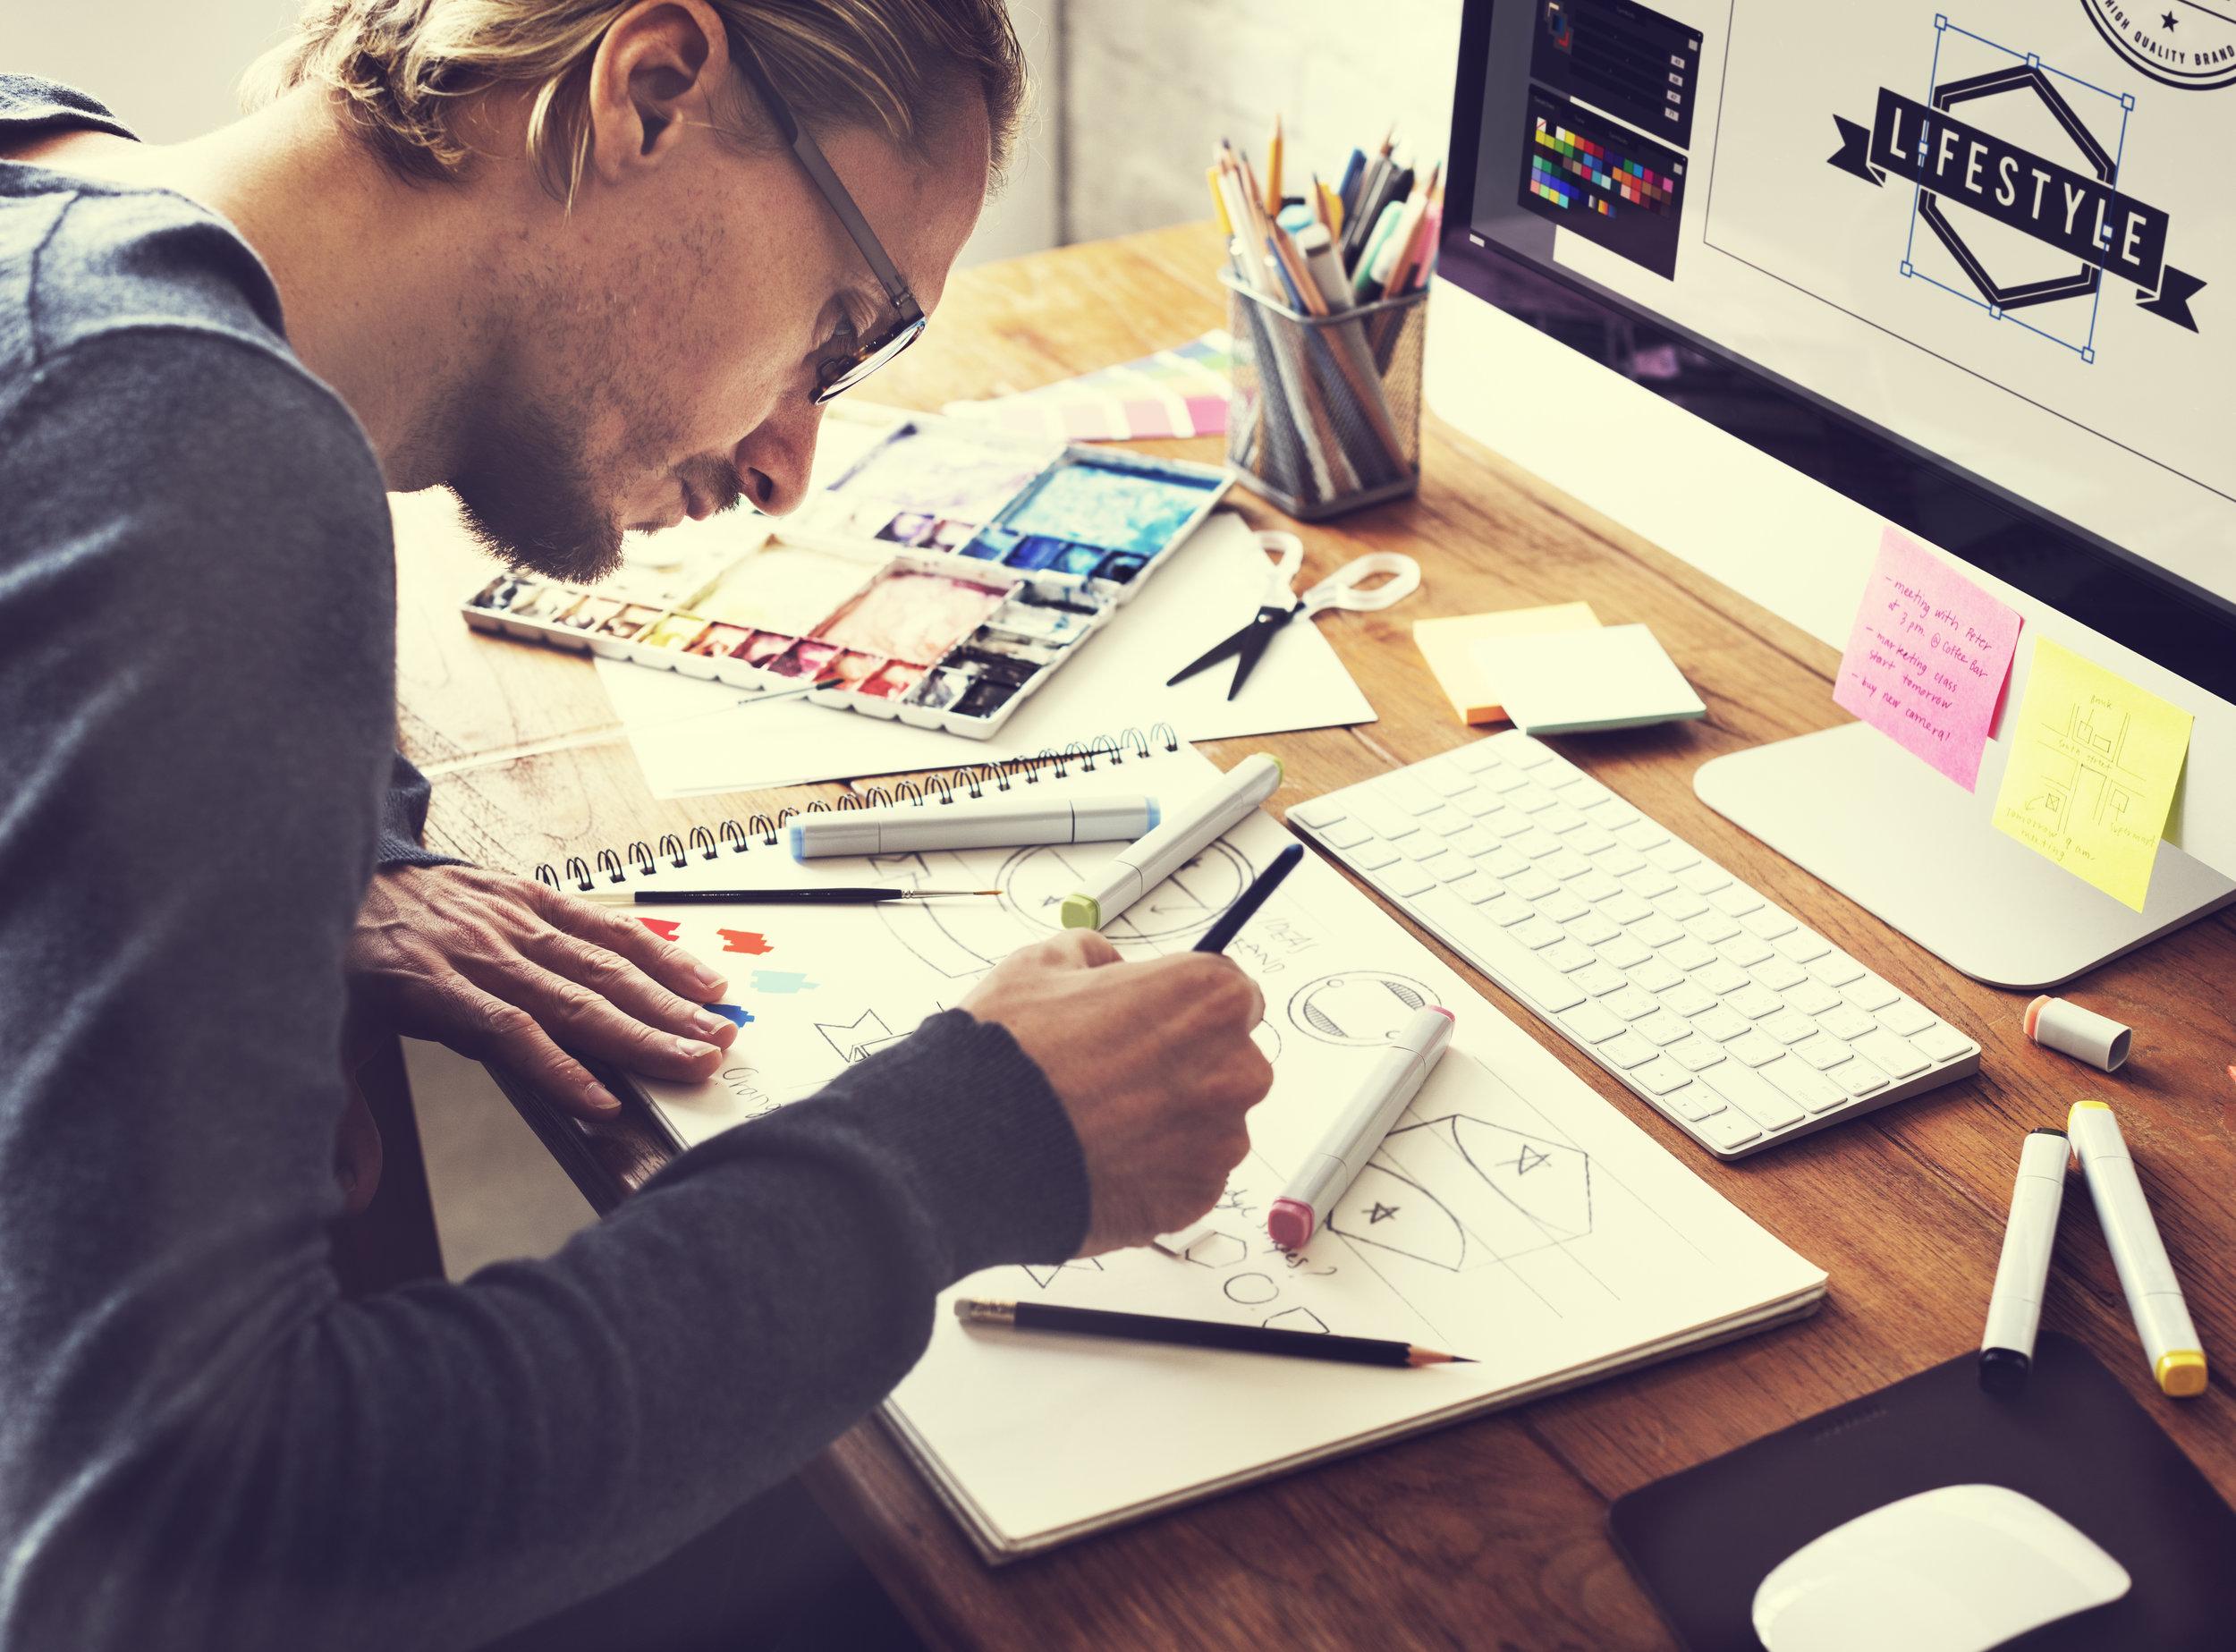 artist-creative-designer-illustrator-graphic-PM63M33.jpg